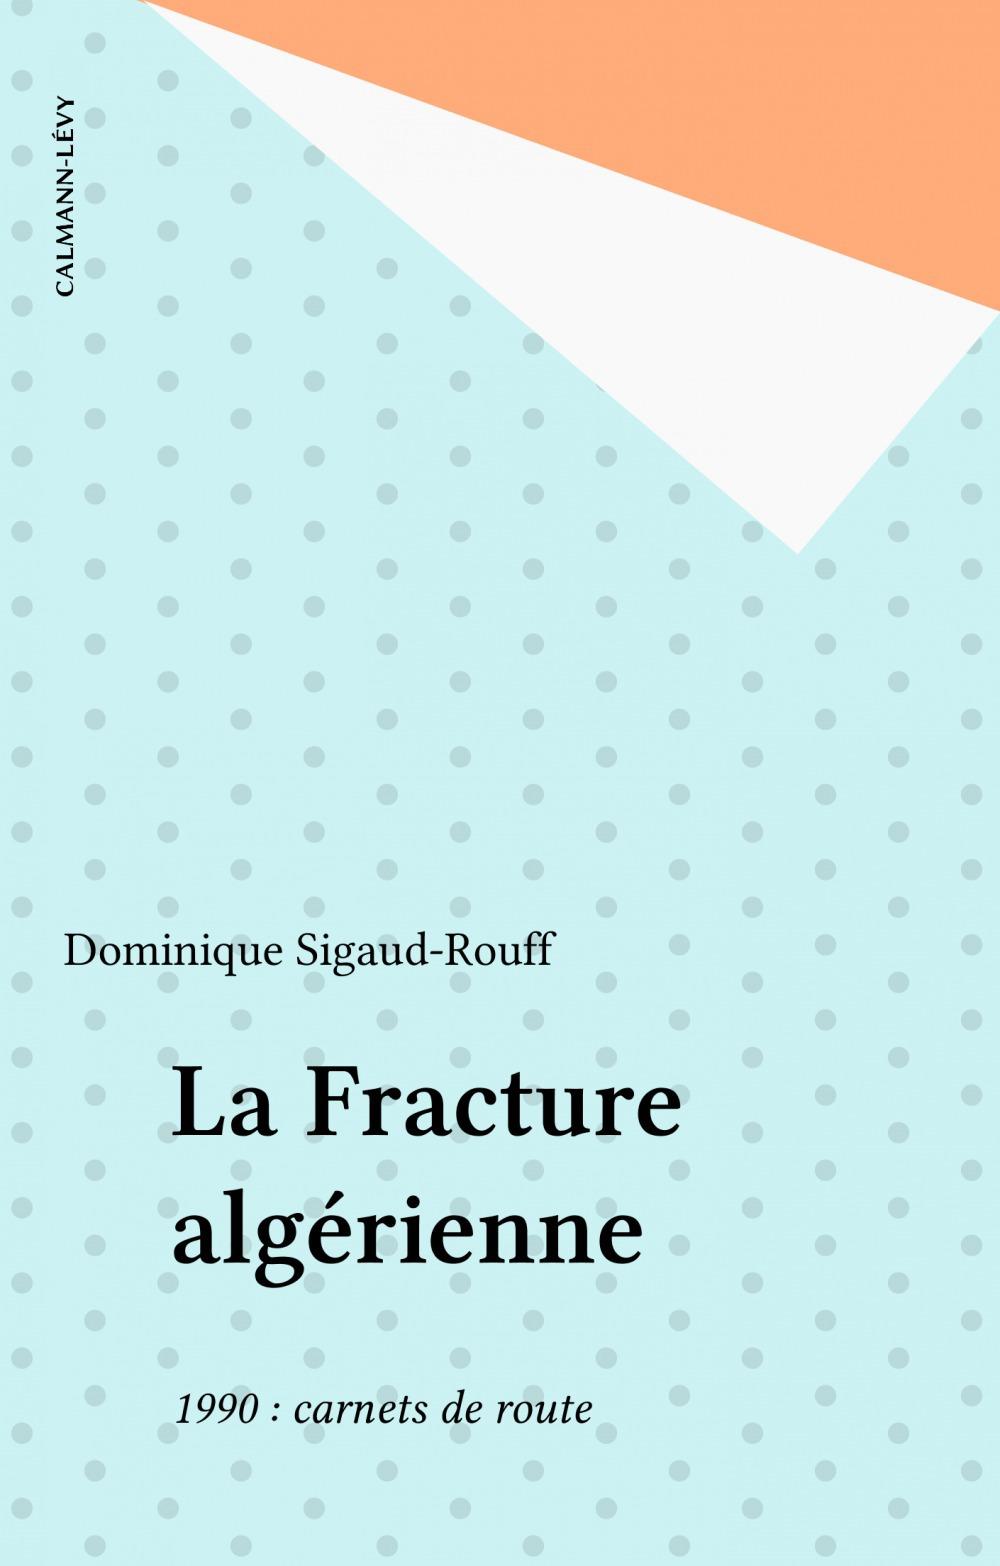 La fracture algerienne